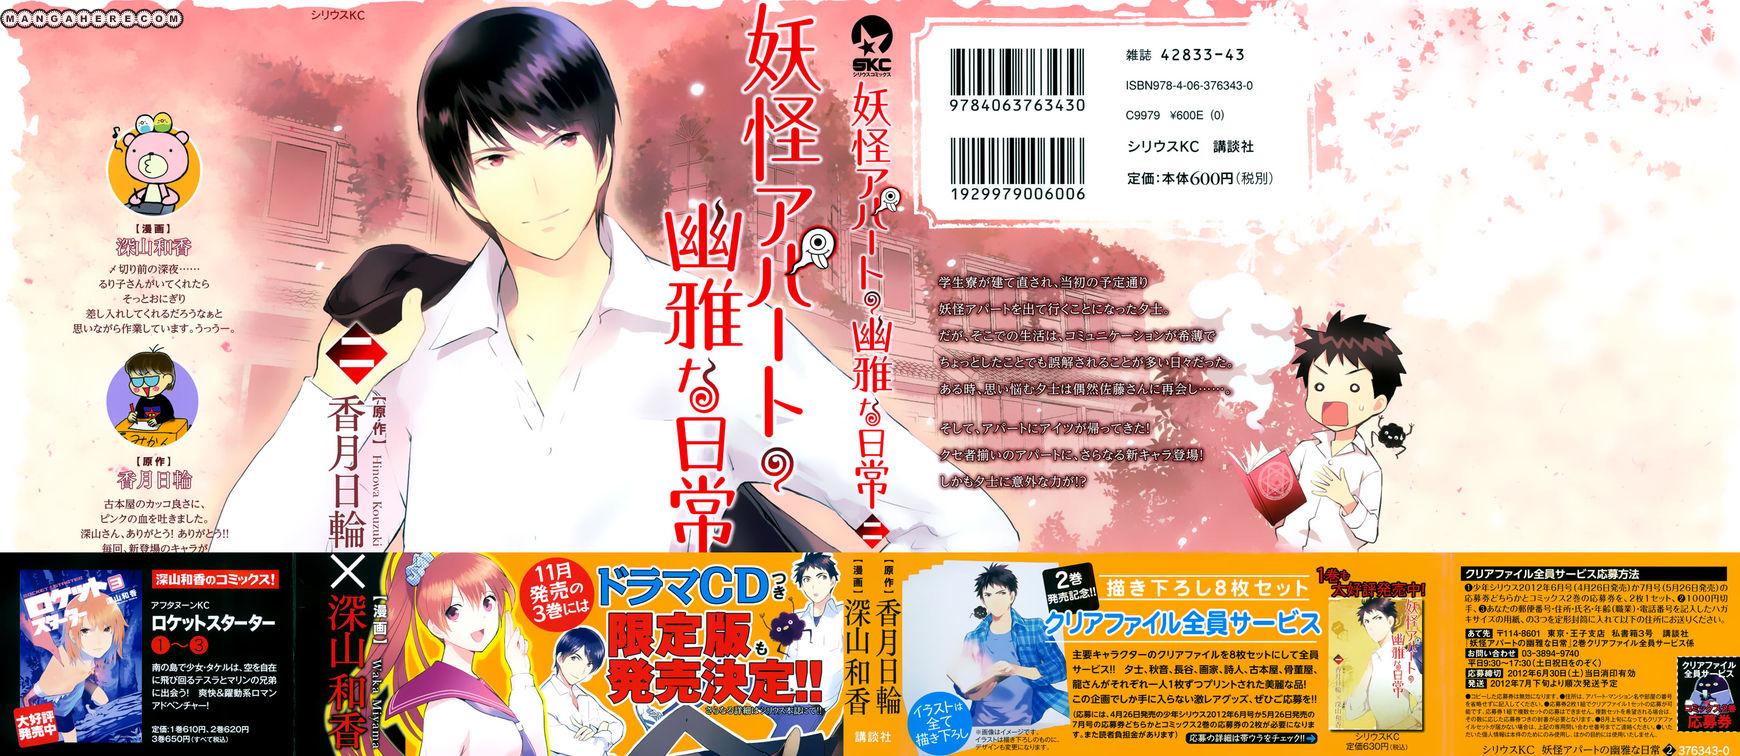 Youkai Apato no Yuuga na Nichijou 6 Page 2